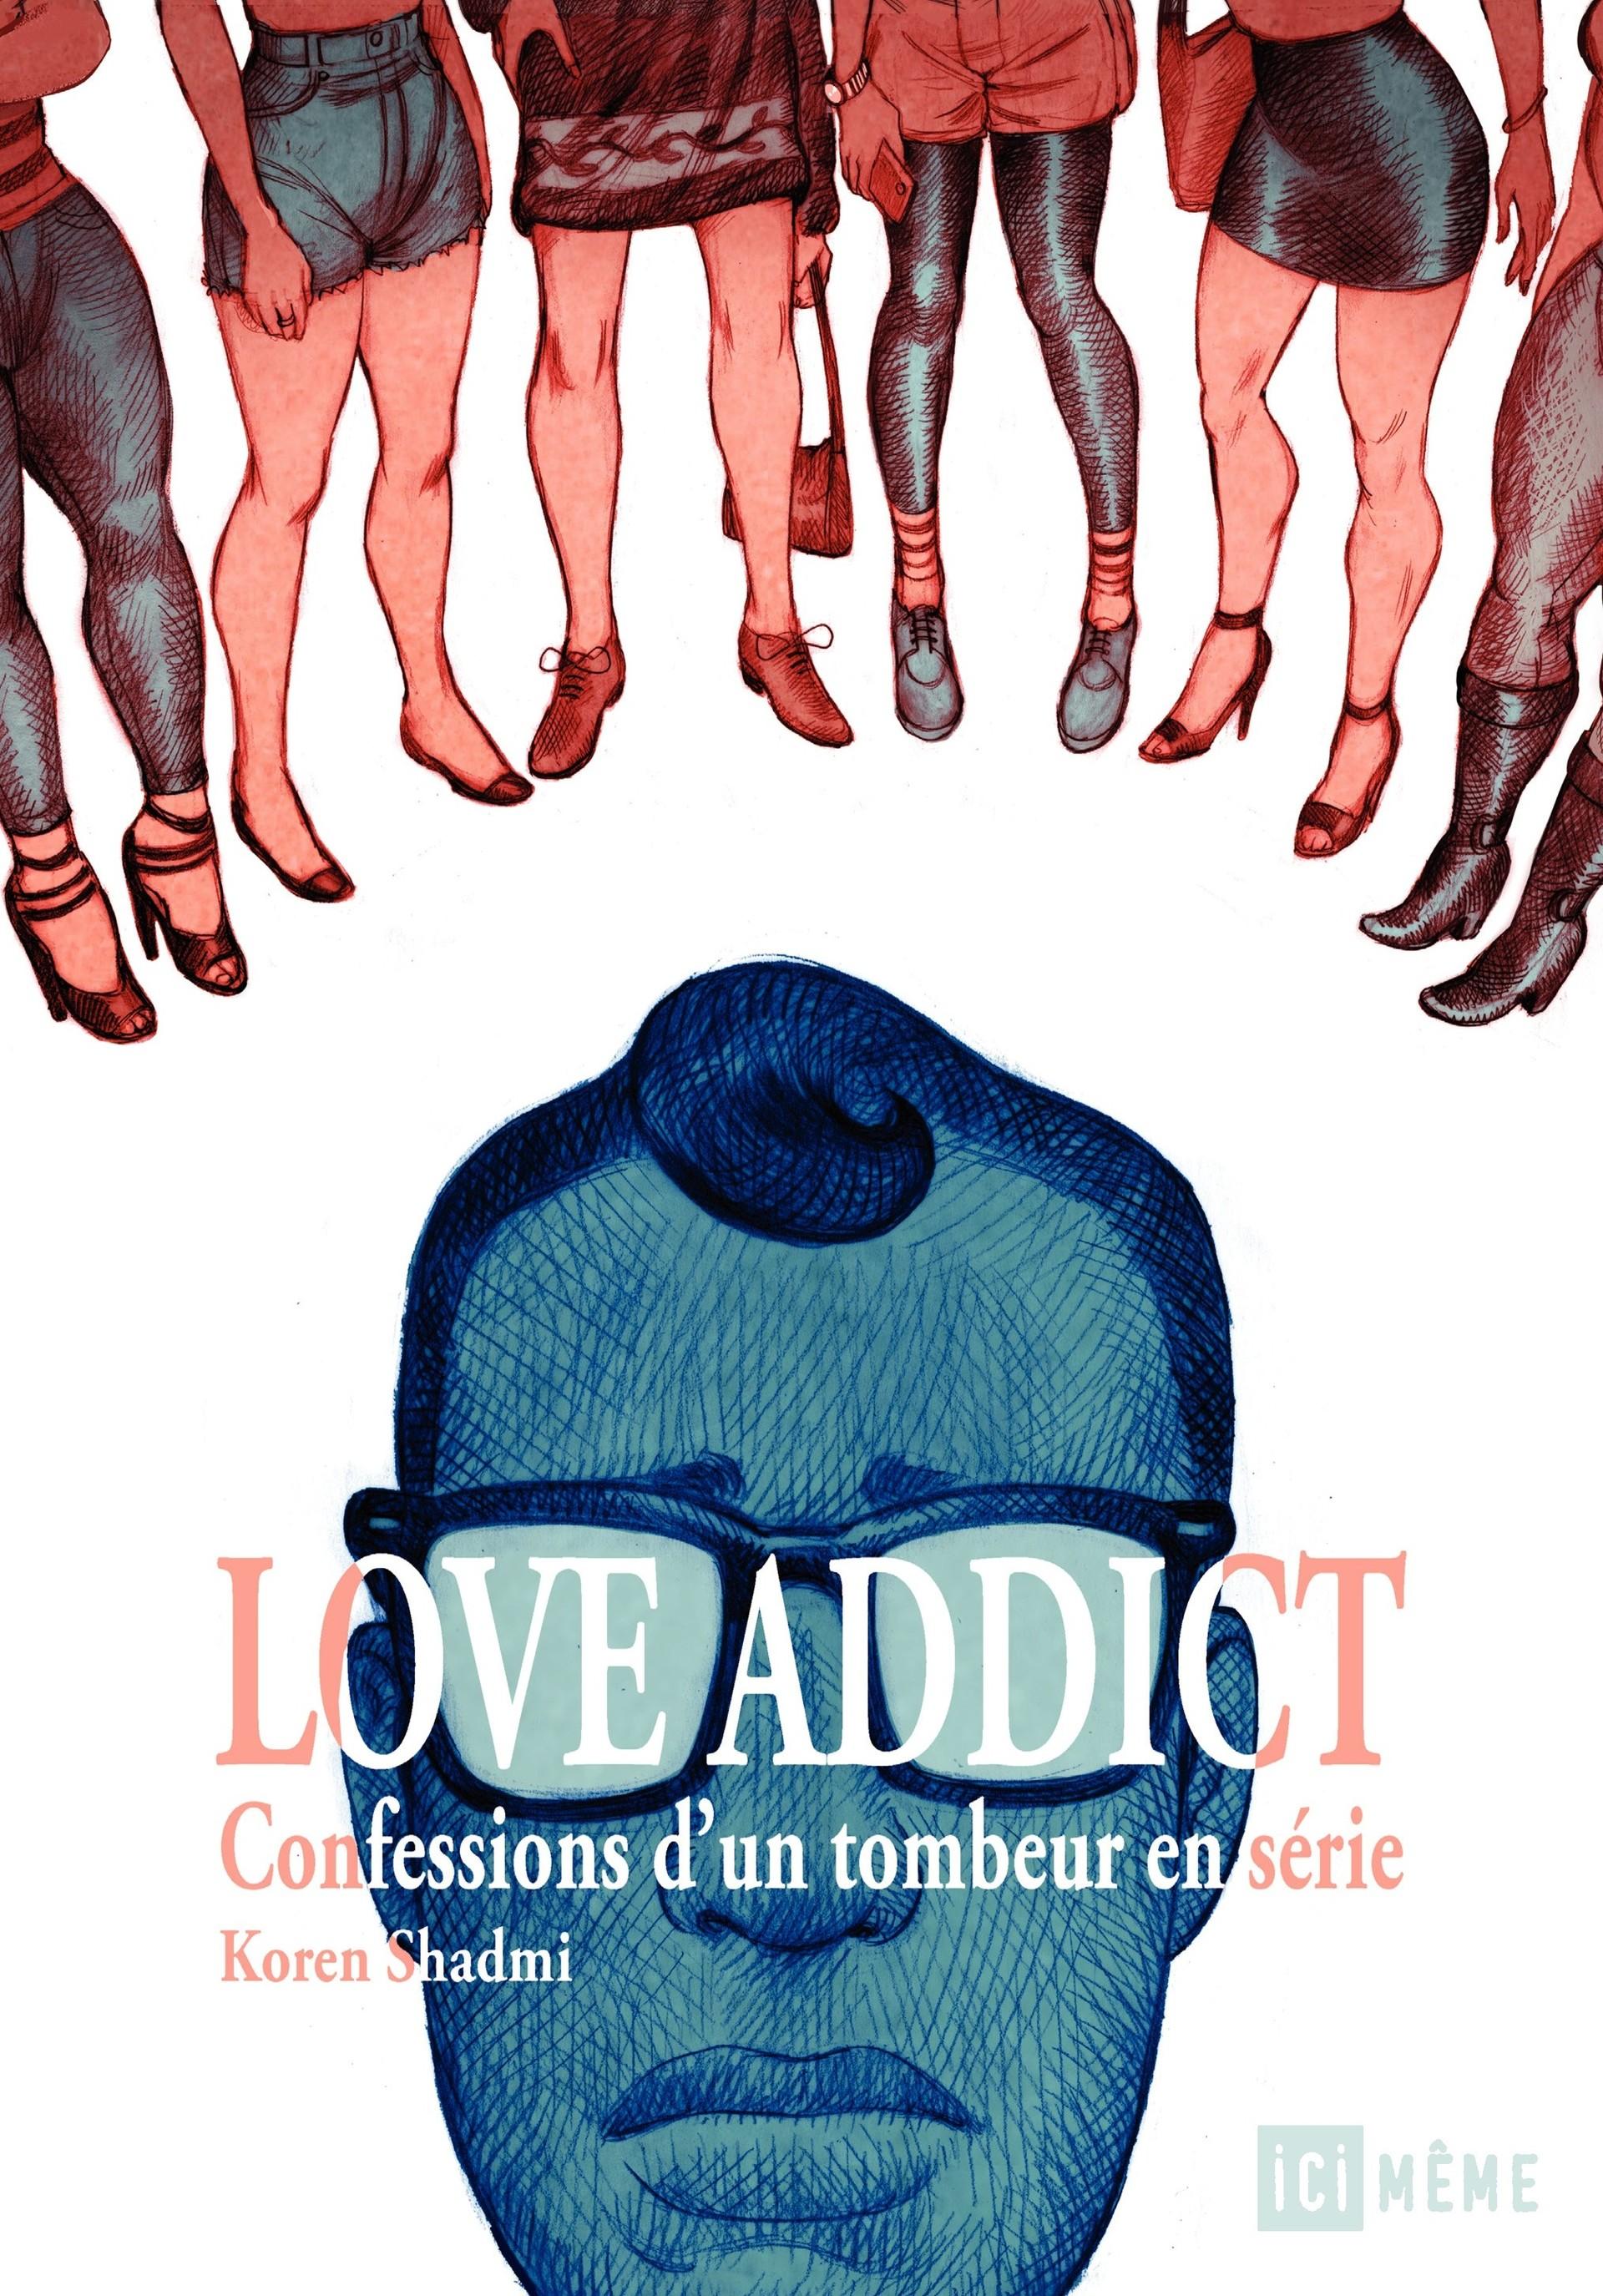 Love addict 0